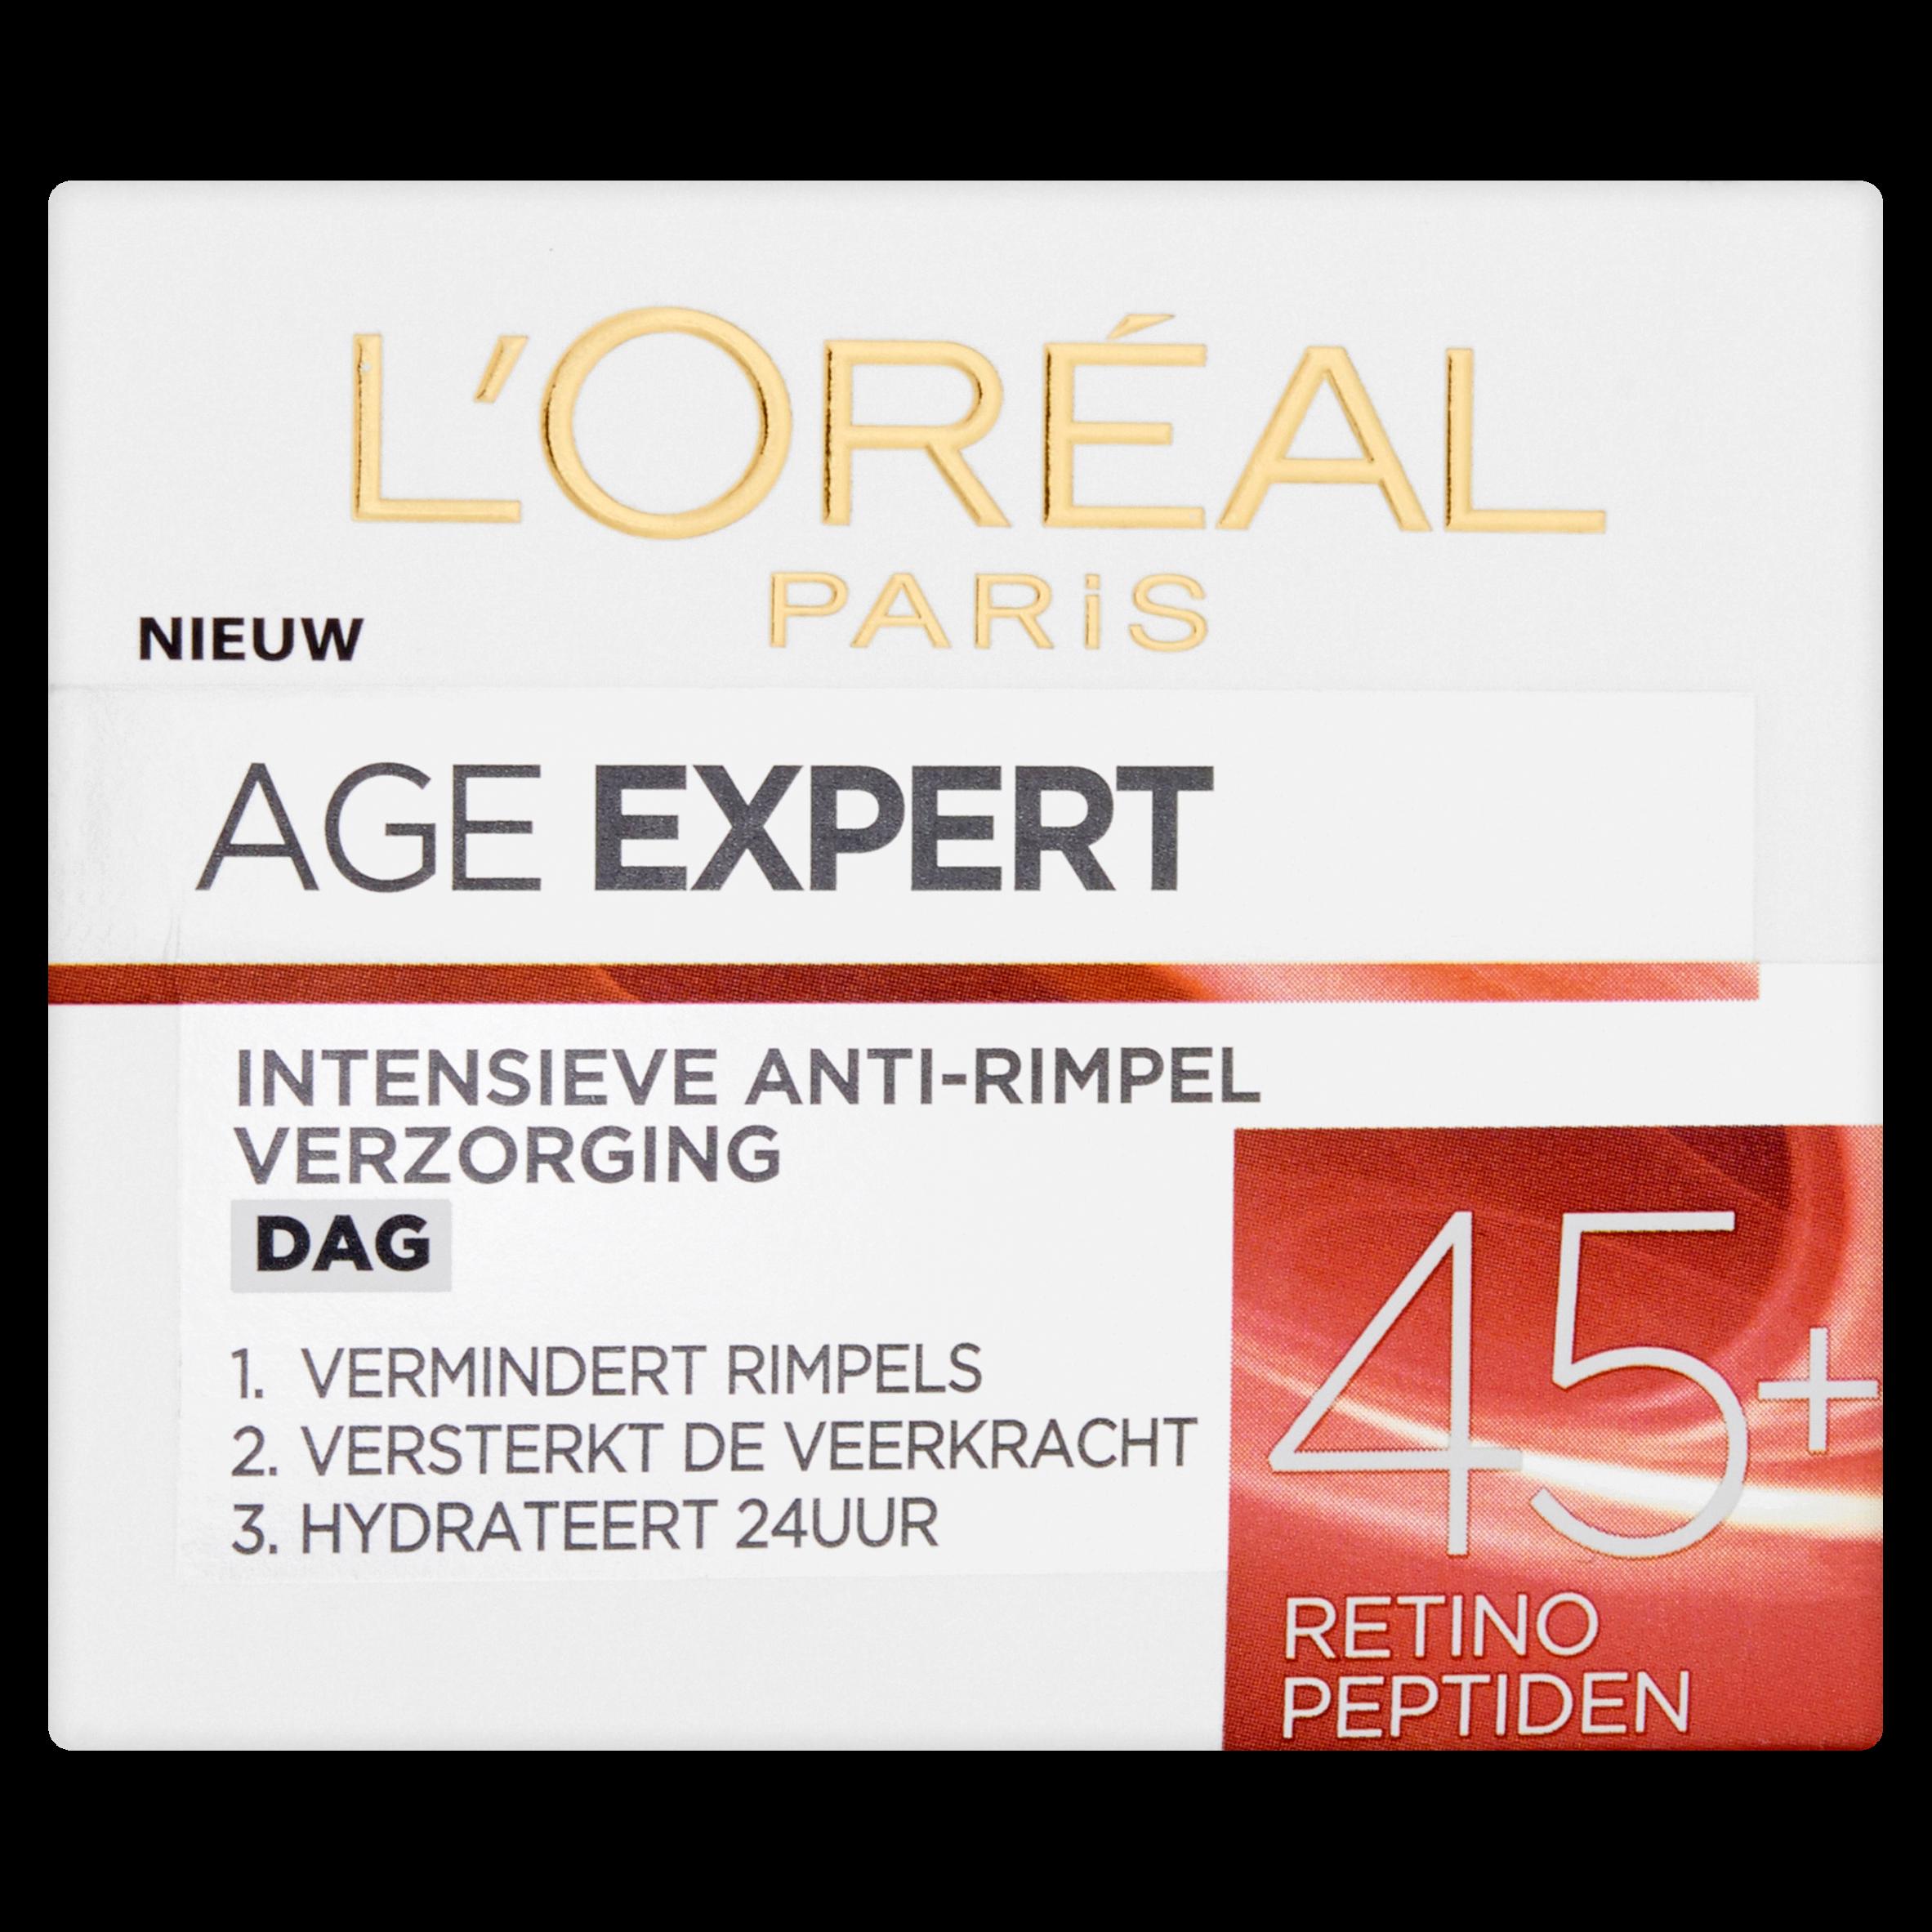 L'Oréal Paris Age Expert 45+ Reptiden 50 ml